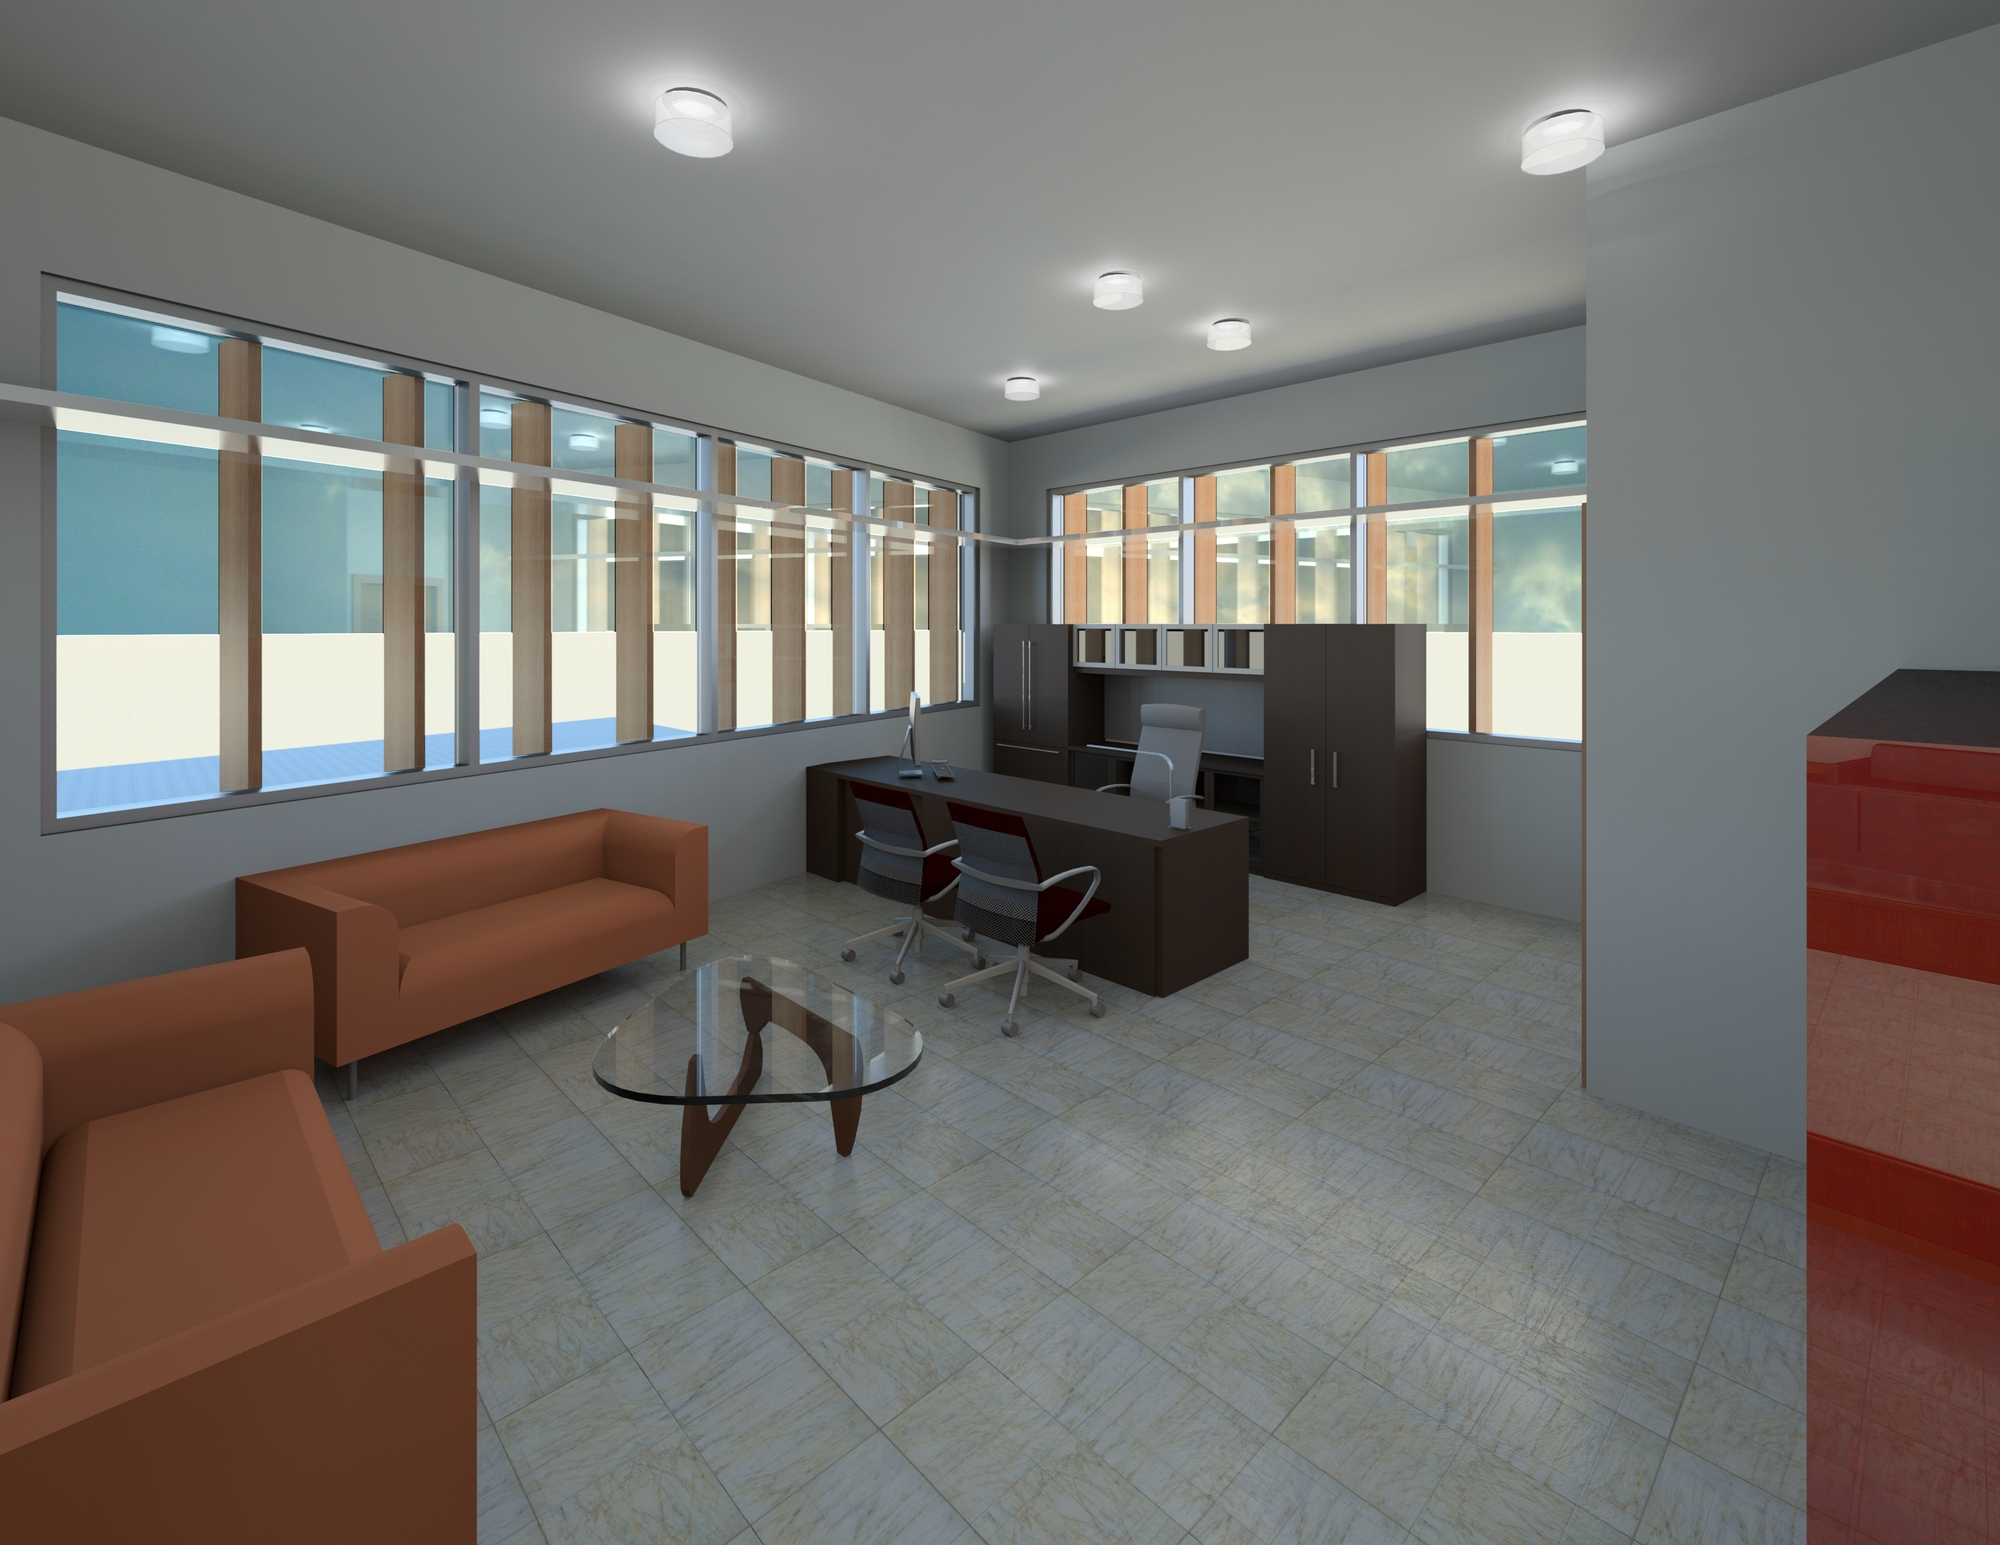 Raas-rendering20141023-634-3j5mnr